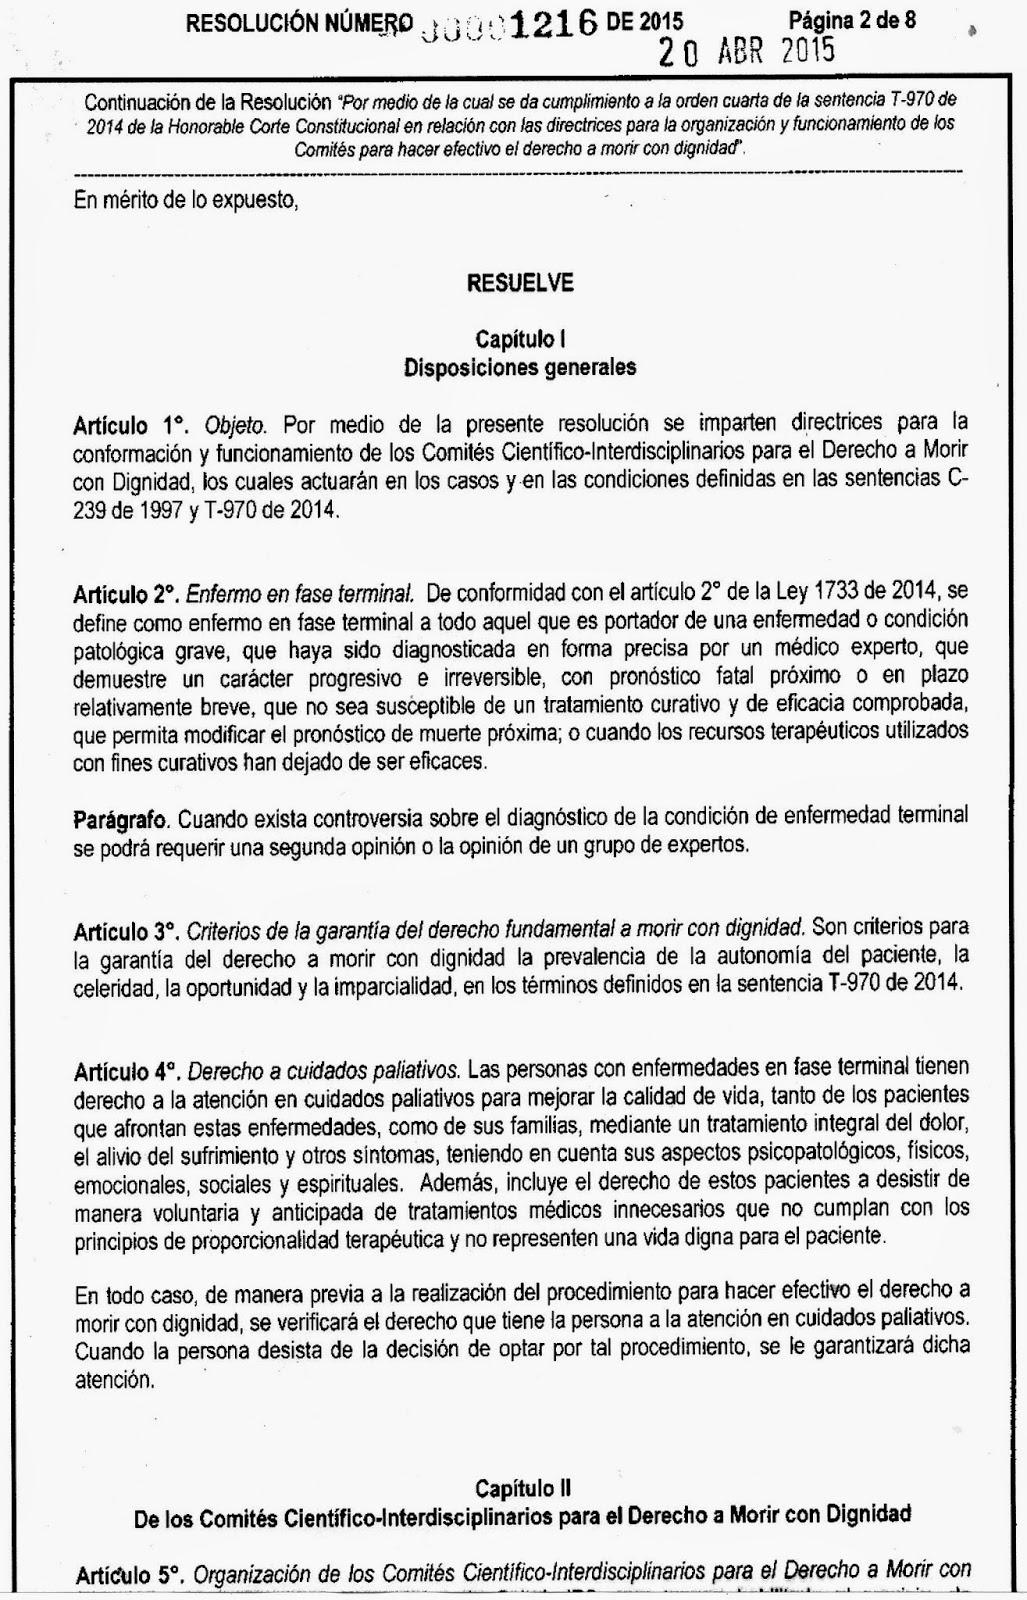 Texto de la resoluci n 1216 del 20 abril 2015